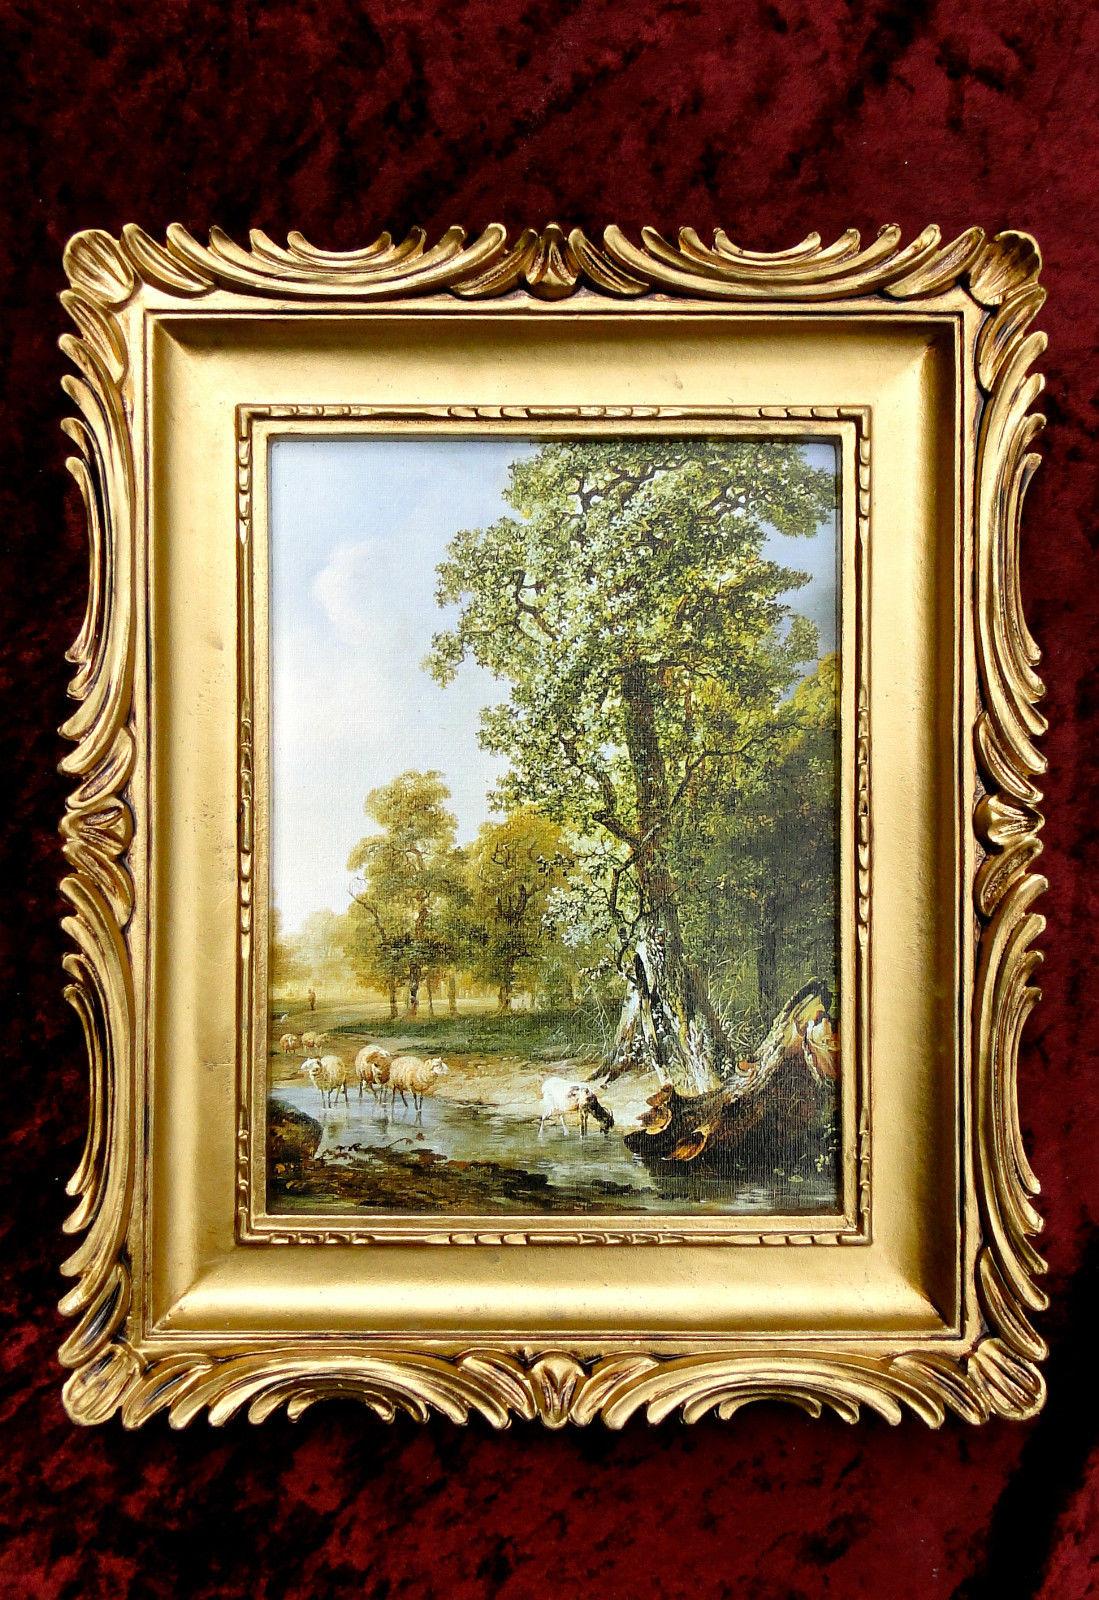 Bilderrahmen Gemälde 33x28 Antik BAROCK Rechteckig Bild LEINWAND ...